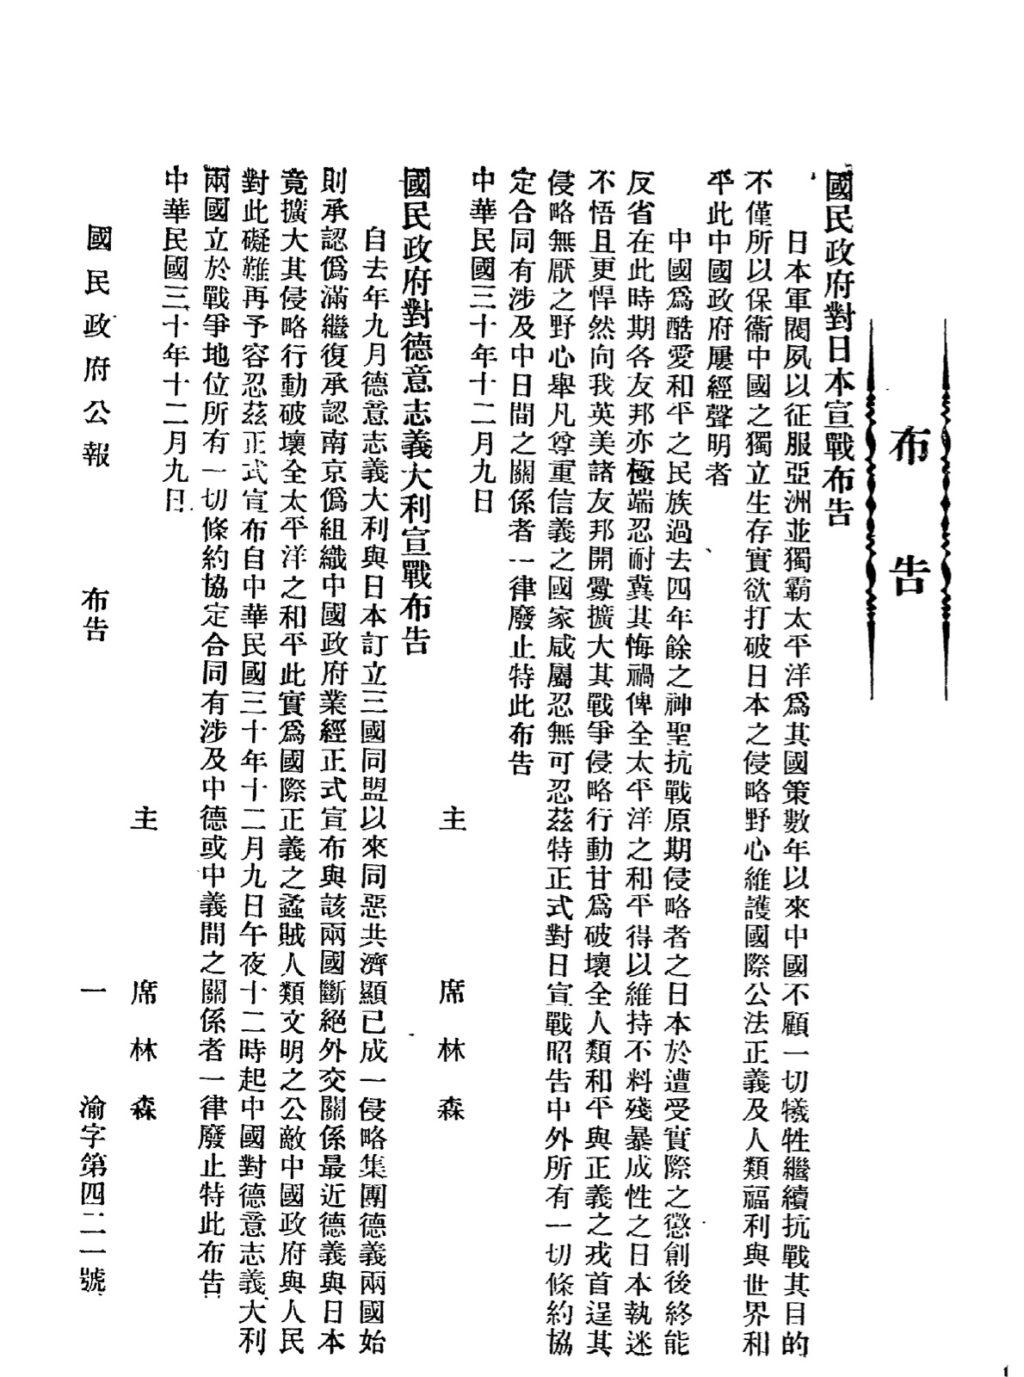 中華民國政府對日本宣戰布告